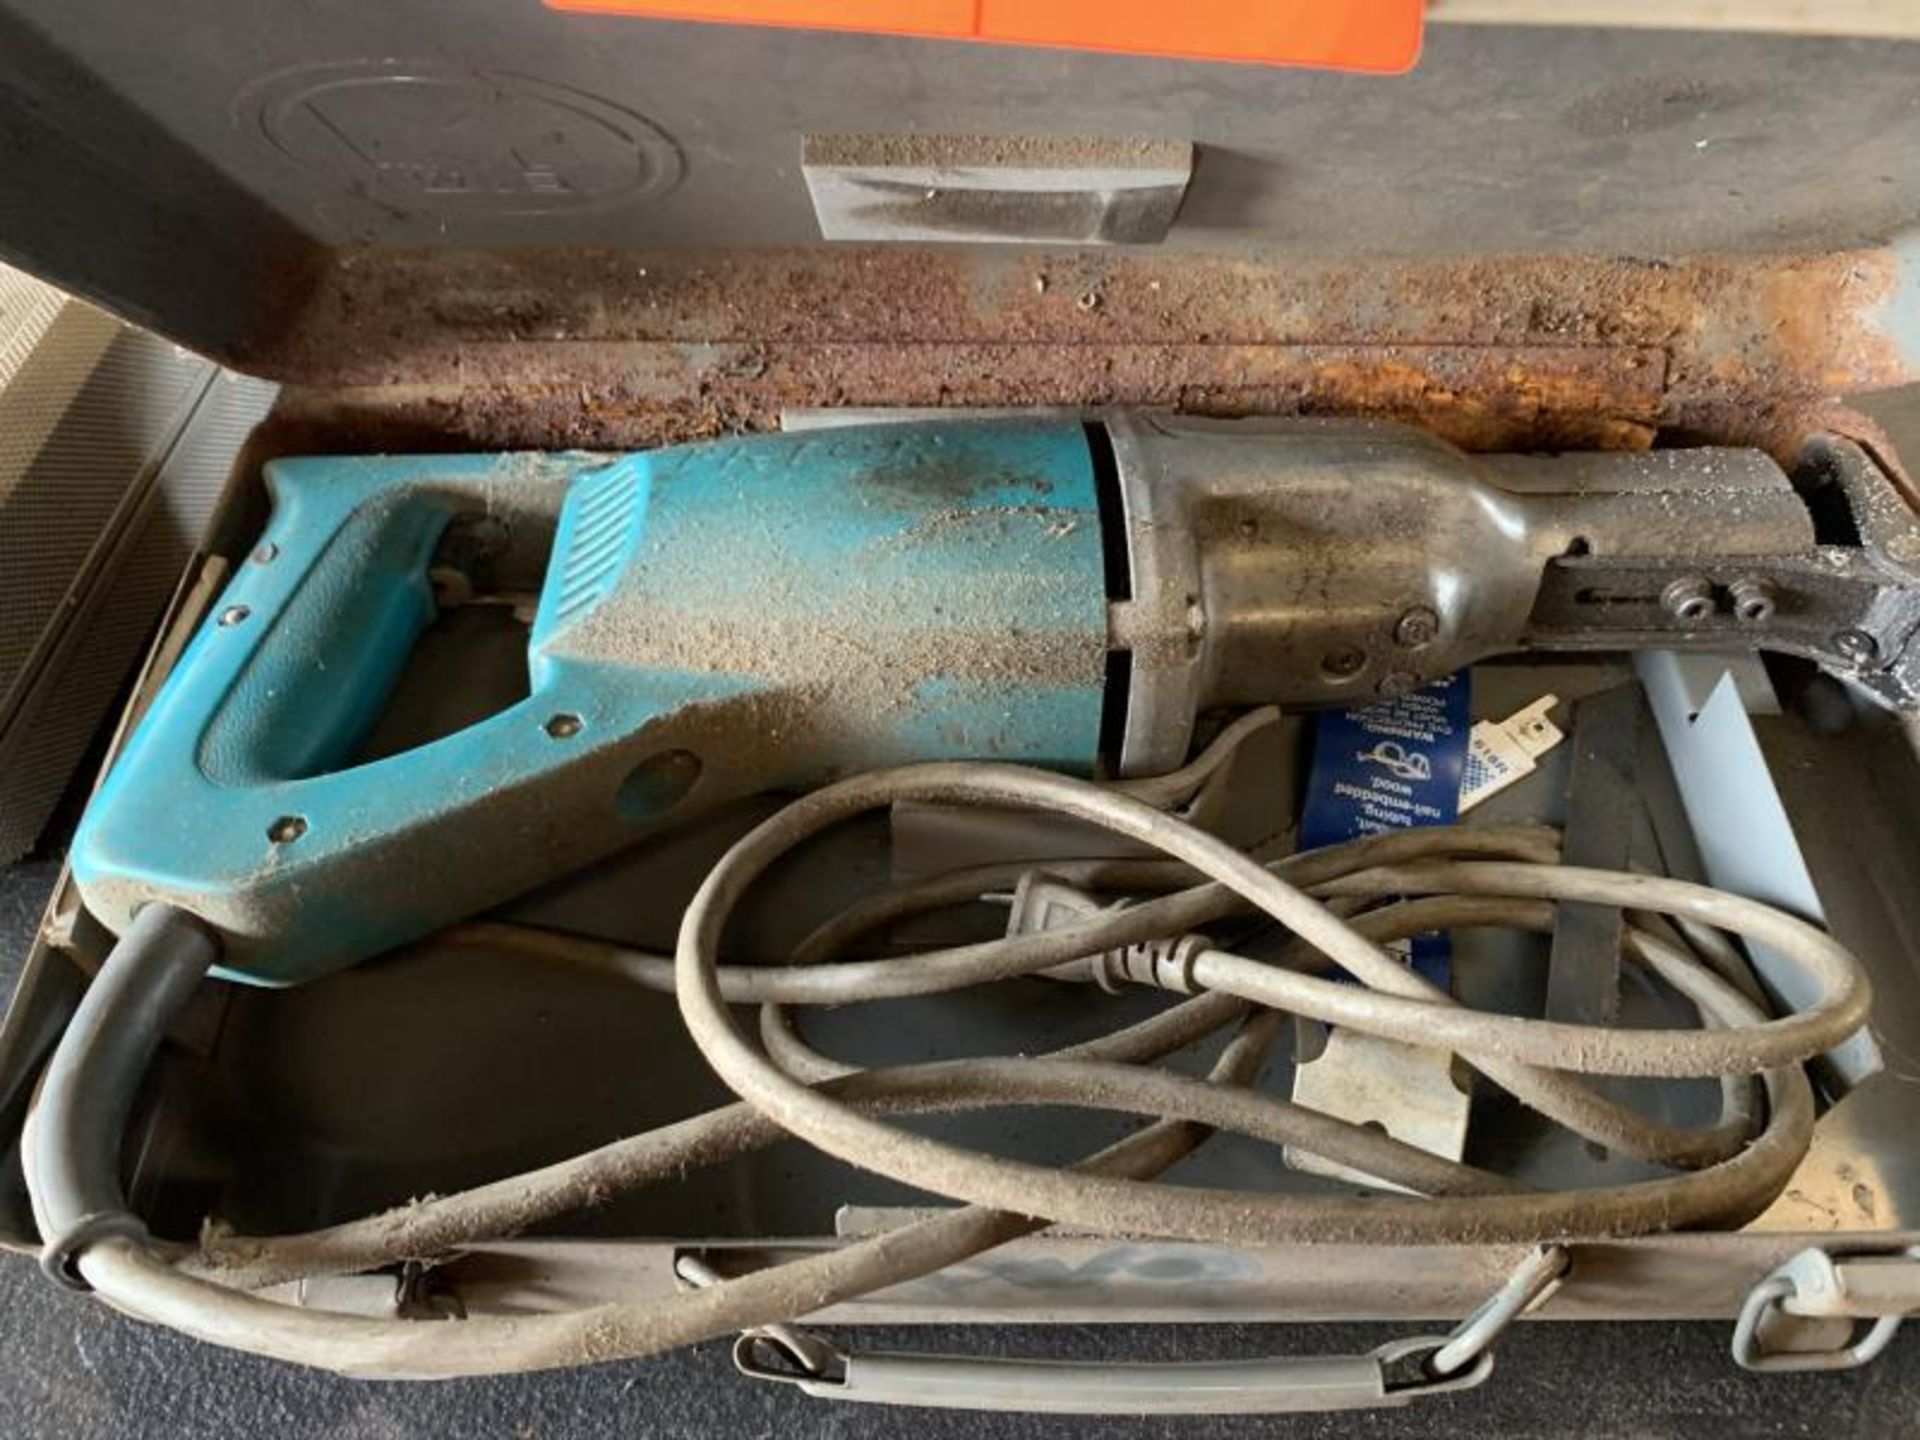 Lot 68 - Makita reciprocating saw